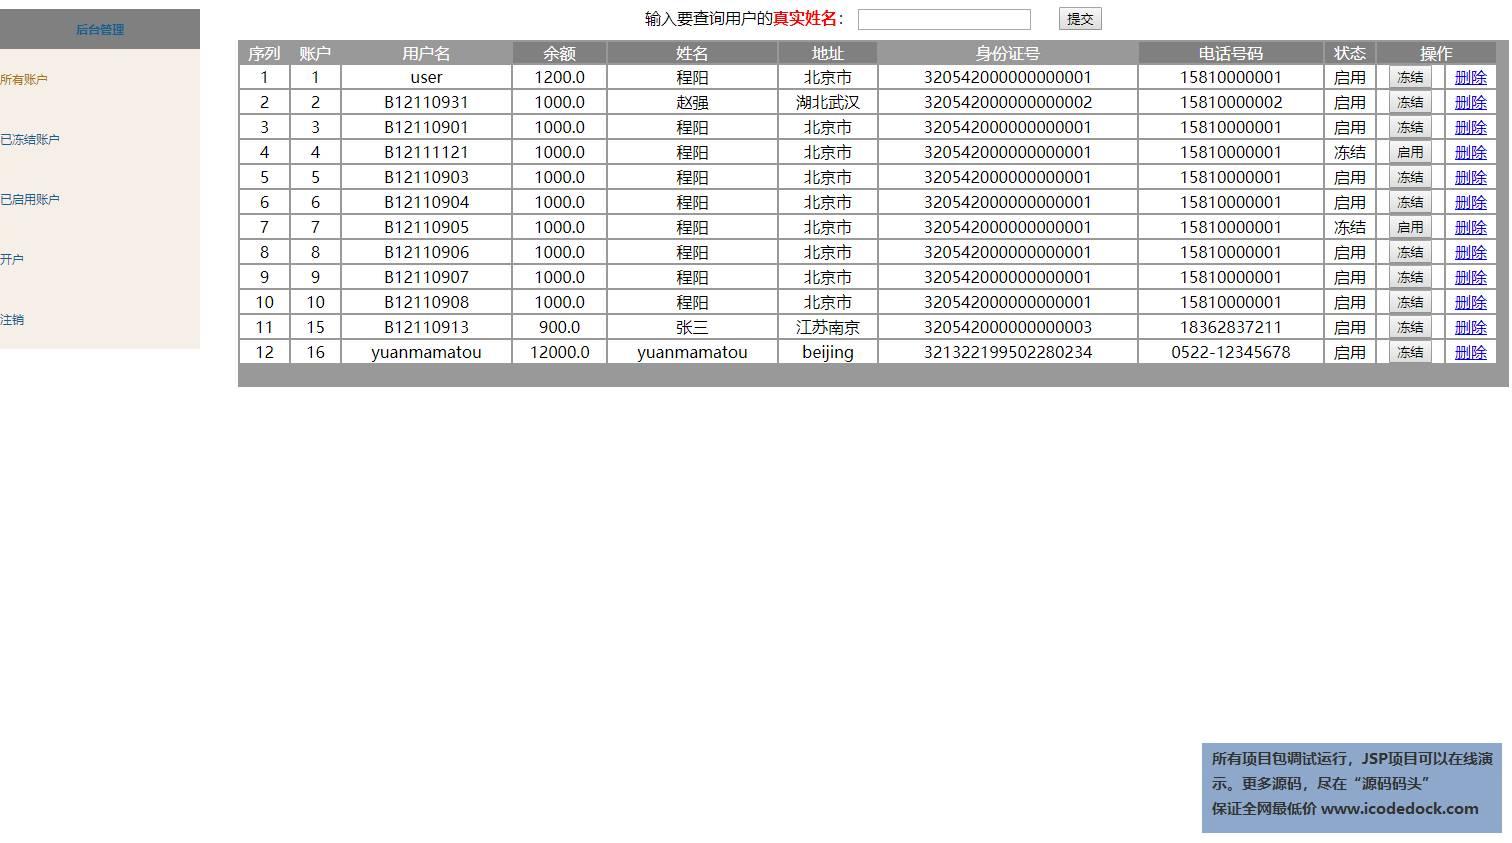 源码码头-SSH网上银行管理系统-管理员角色-管理账户